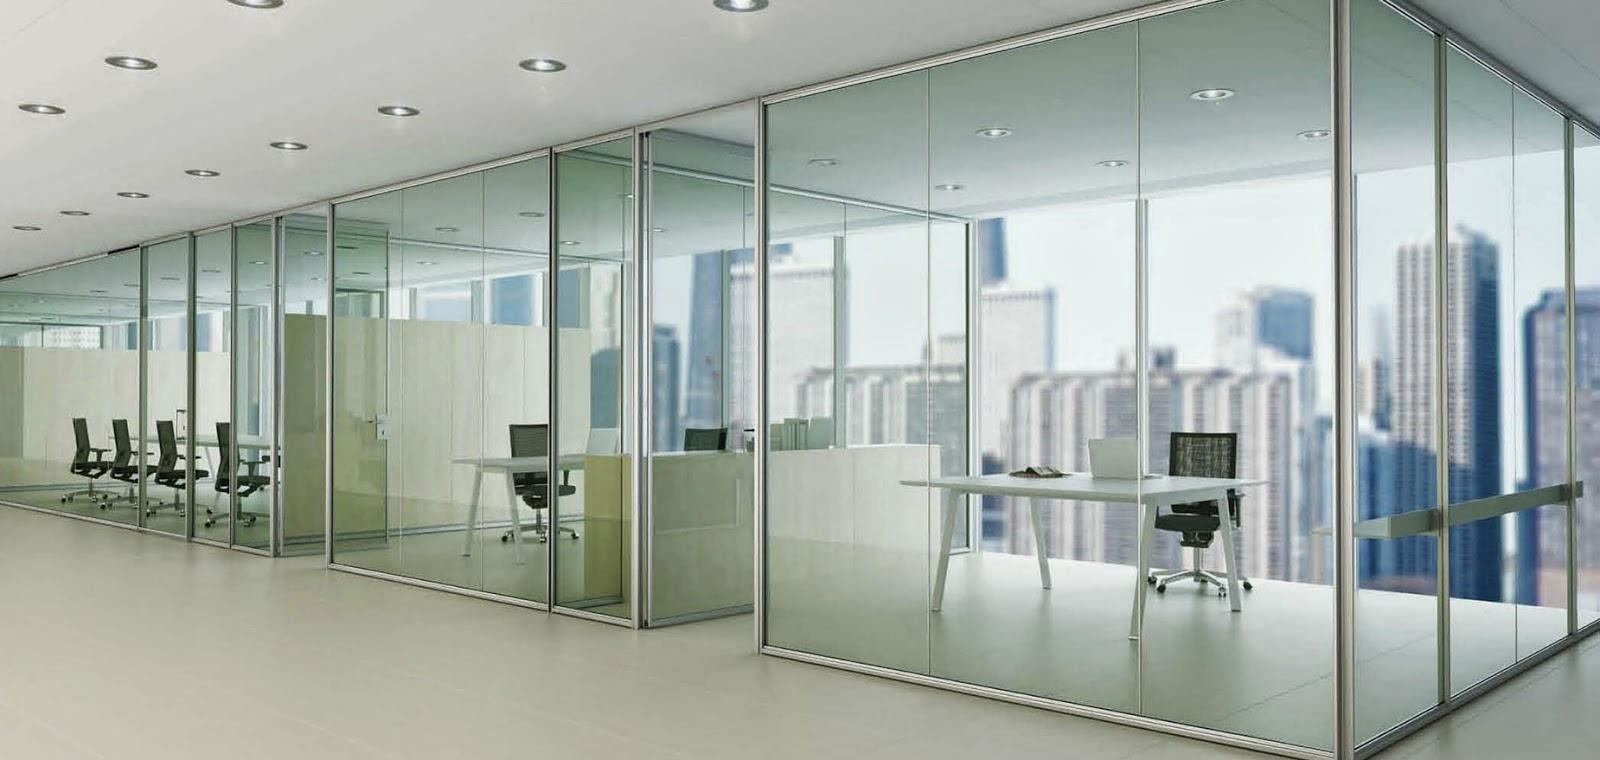 Hora de remodelar la oficina adelantando el mundo for Oficinas modernas minimalistas